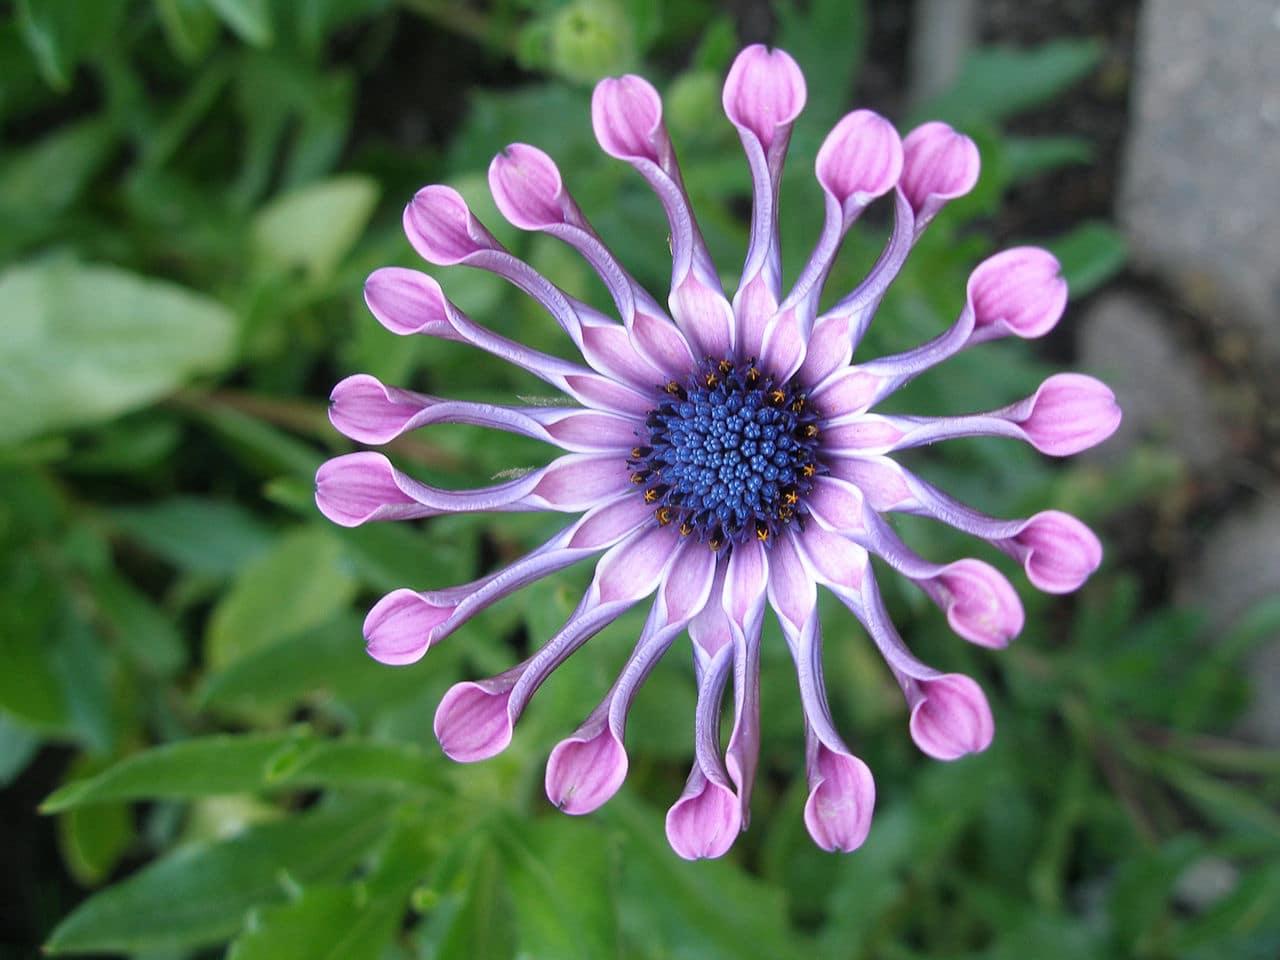 Vista del Osteospermum en flor